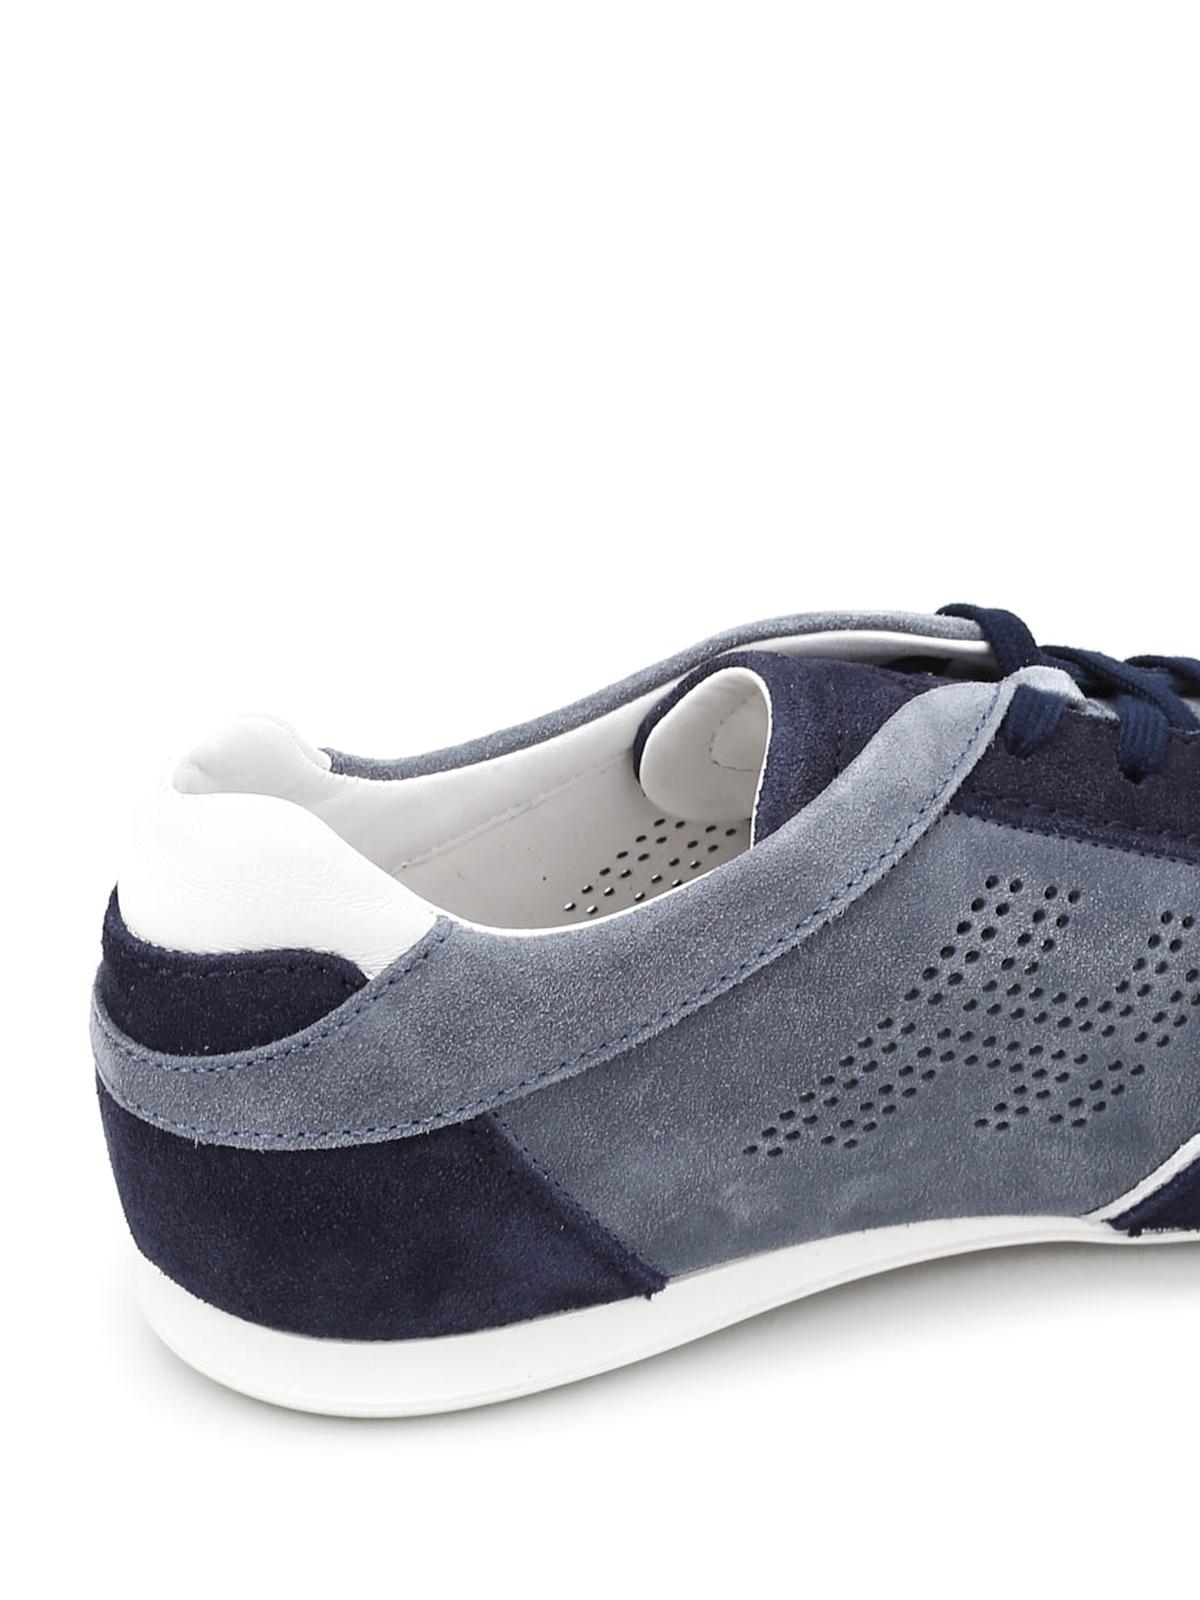 chaussures de sport 78cf1 26c22 Hogan - Baskets Olympia Pour Homme - Chaussures de sport ...